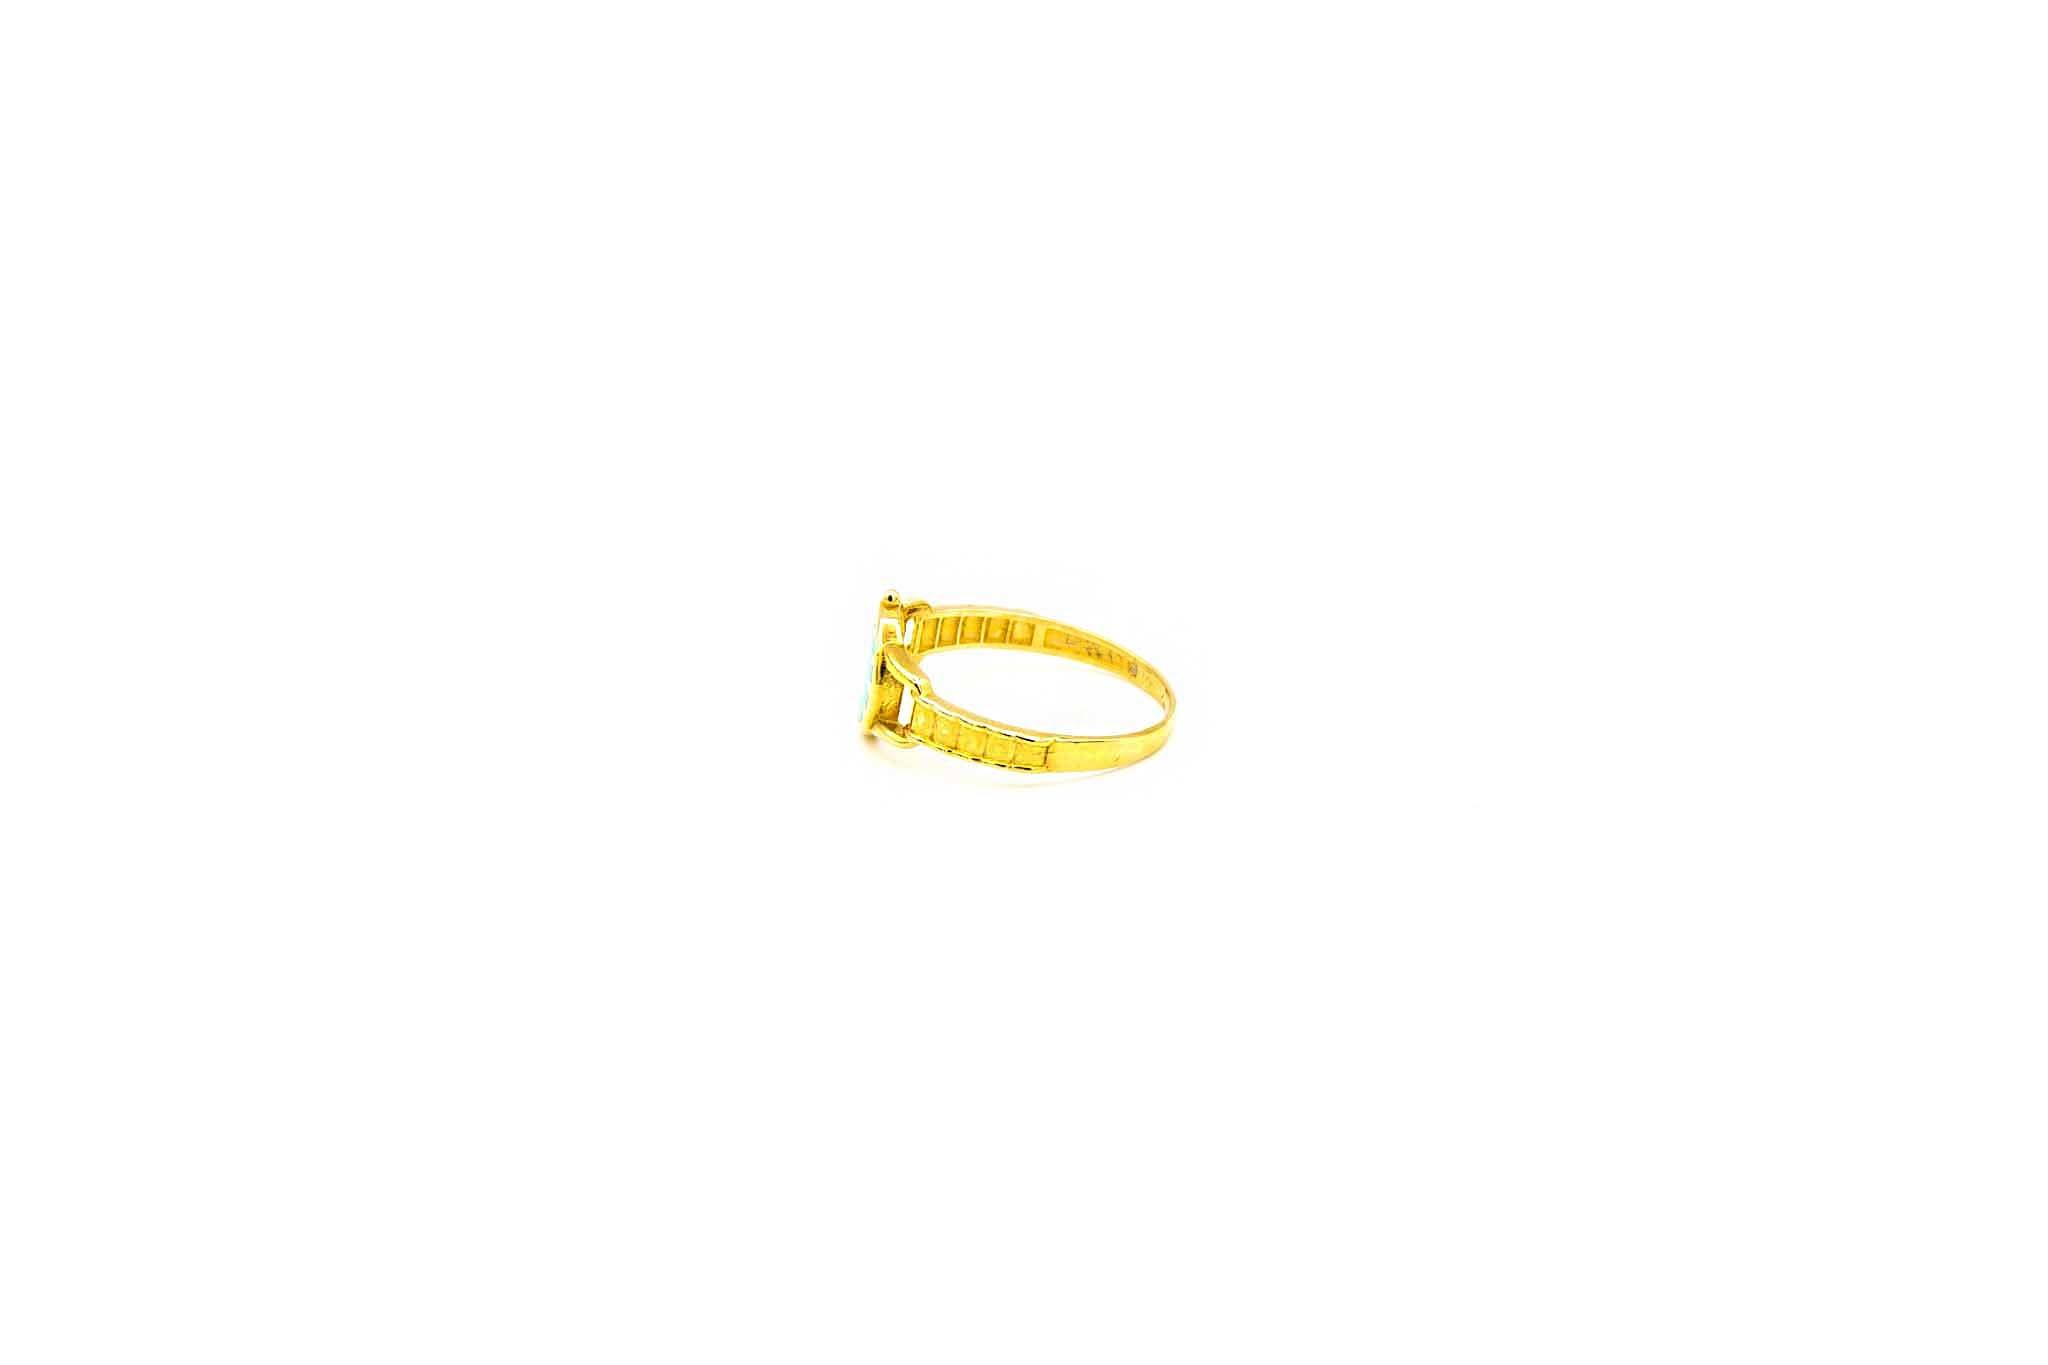 Ring horloge met gekleurde wijzerplaat-3